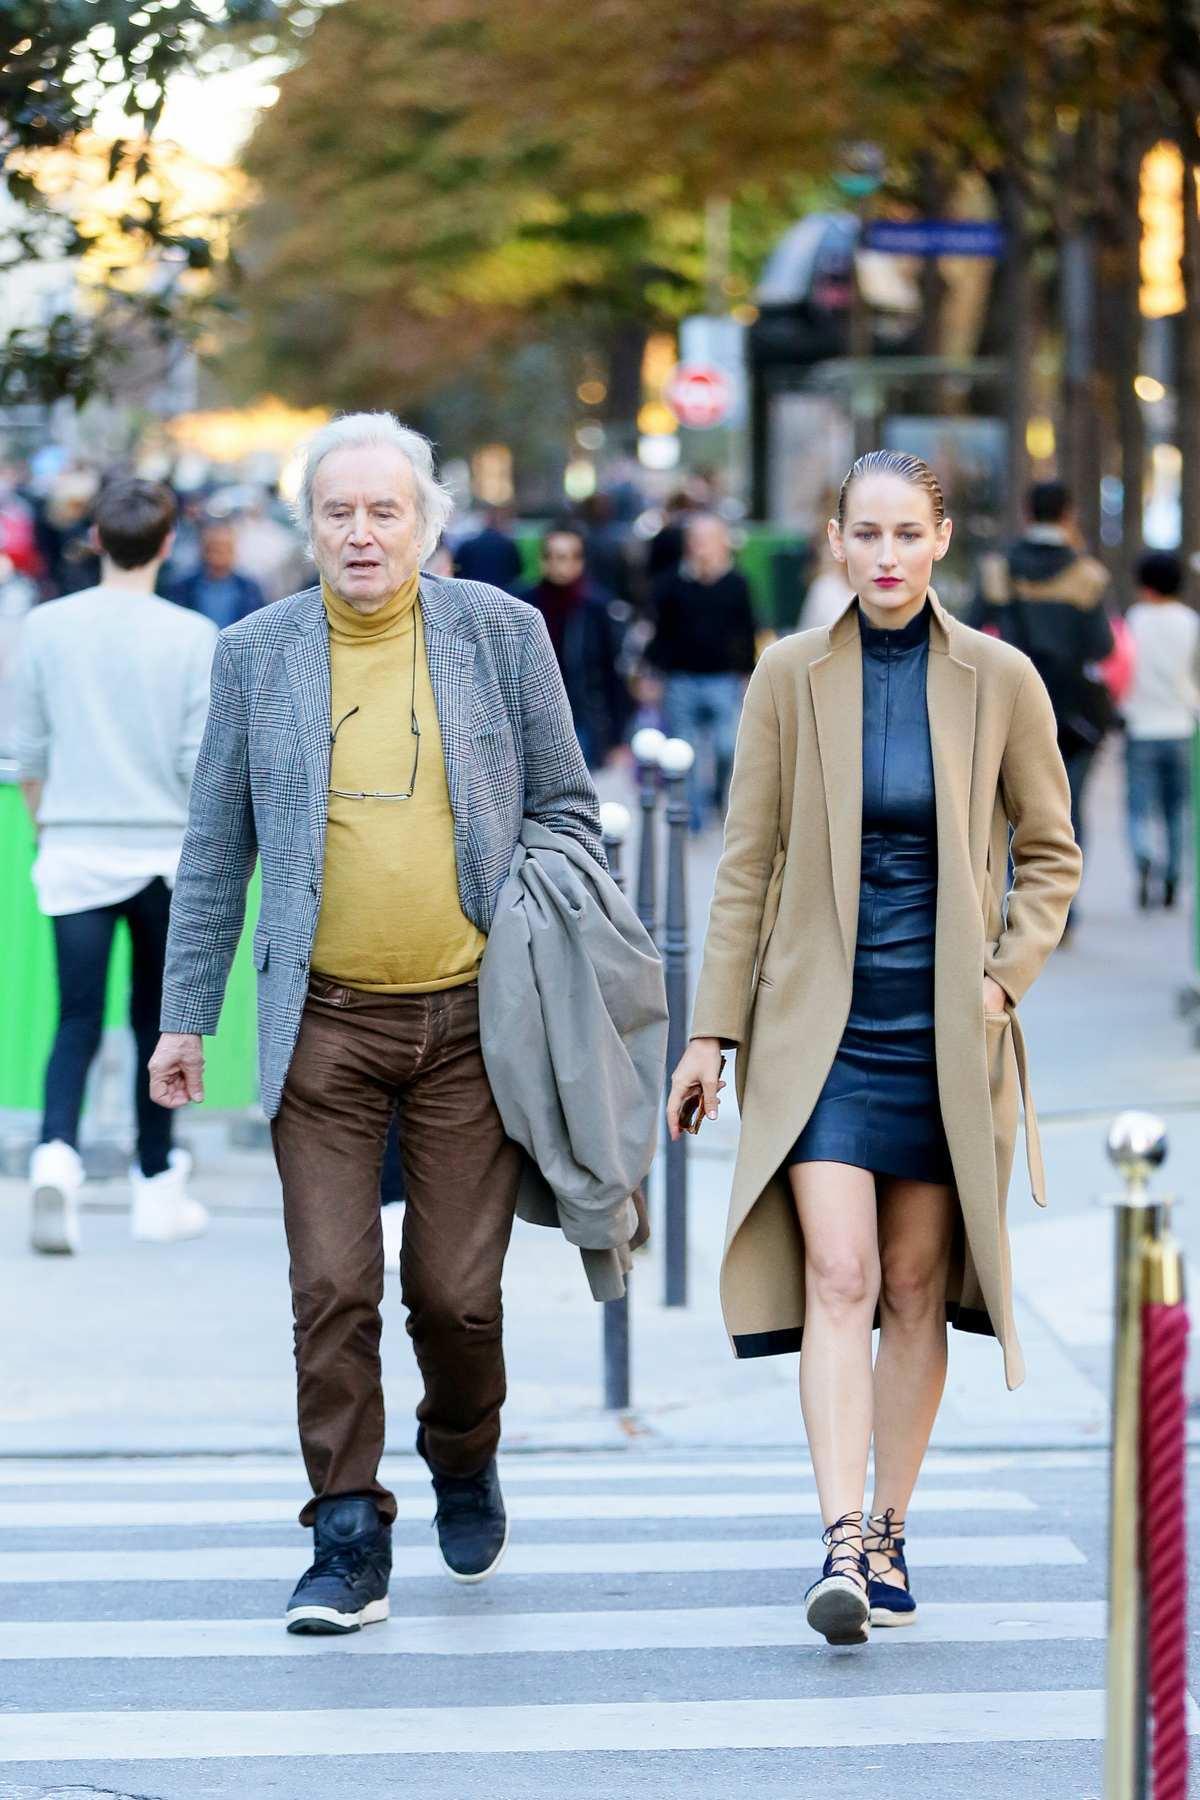 Leelee Sobieski Date With Father Jean Sobieski in Paris – Celeb Donut